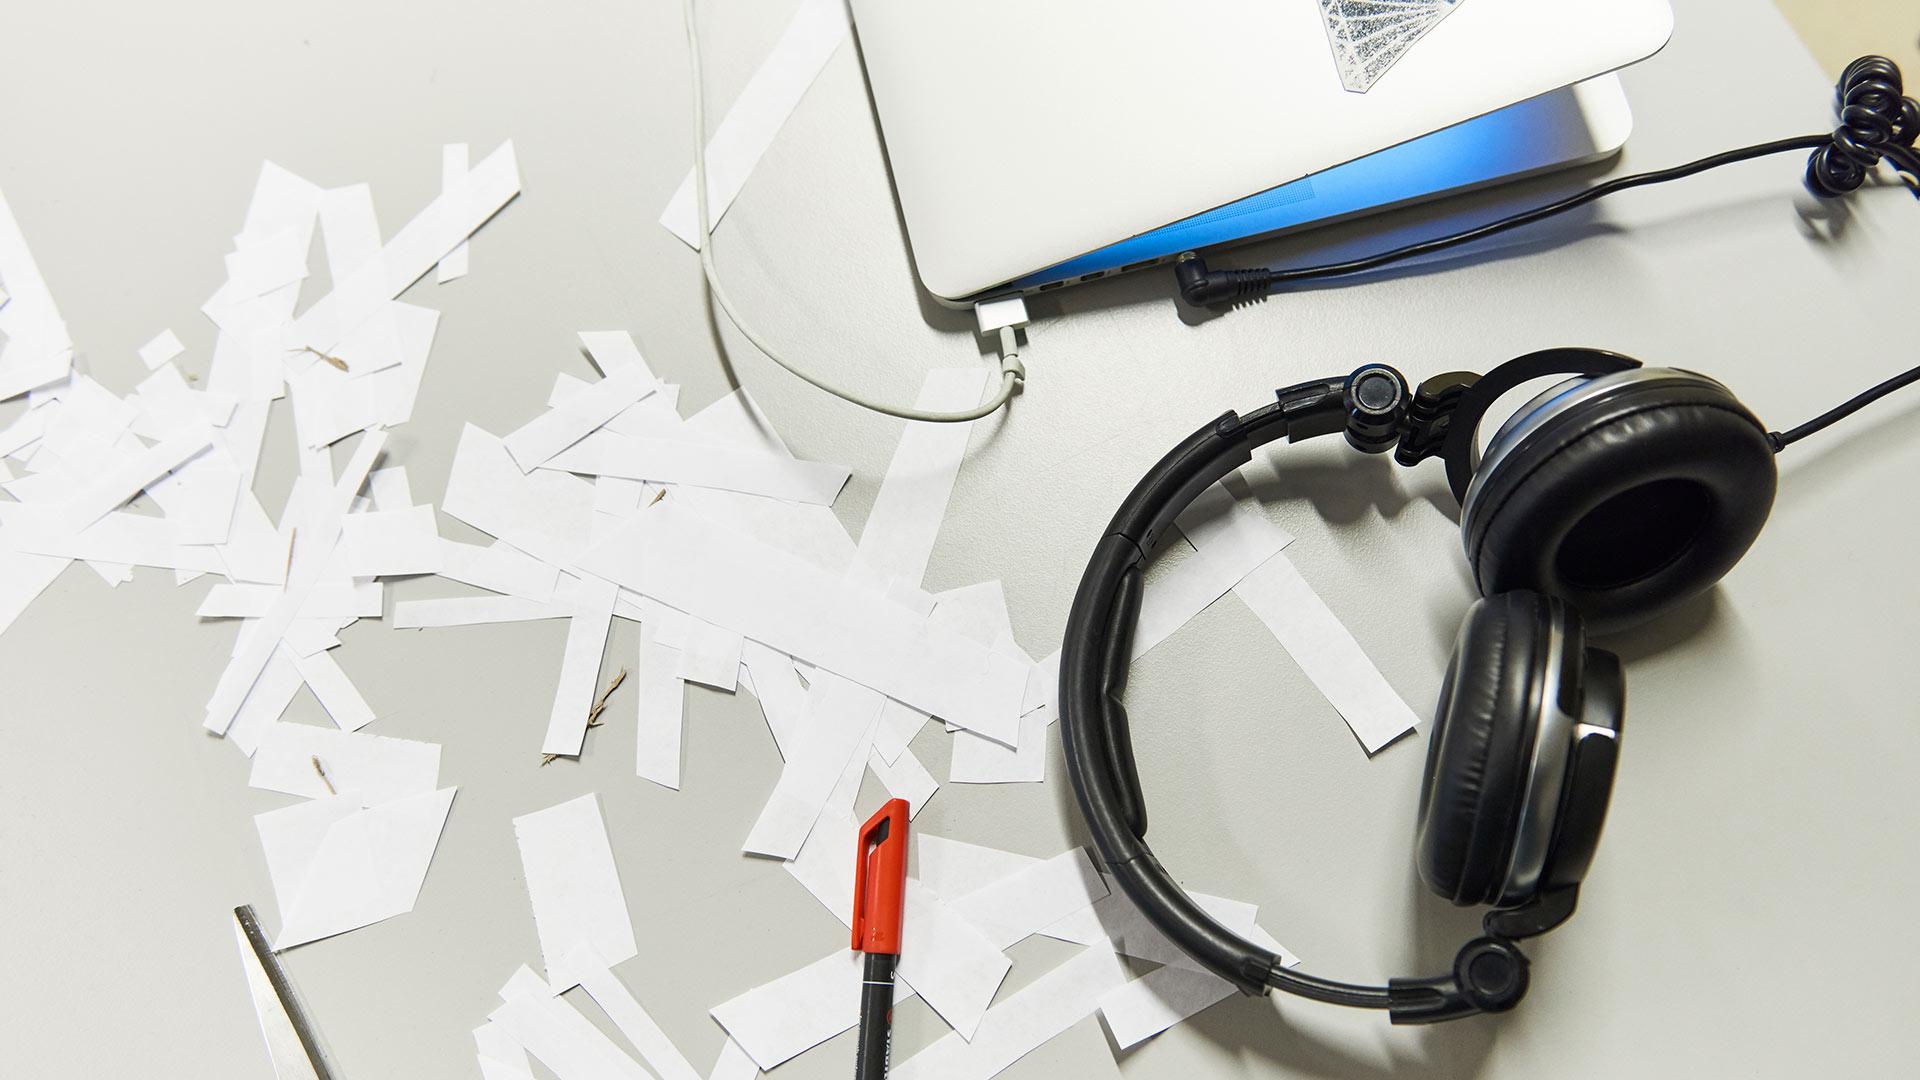 Kuulokkeet, paperinpaloja ja tietokone pöydällä